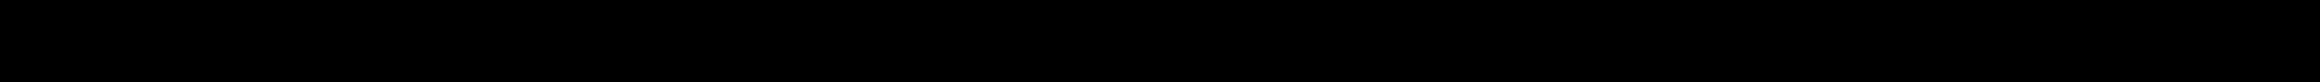 MANN-FILTER 520 4302 0, 1C0 127 401, 1CO 127 401, 1J0 127 399 A, 1J0 127 401 Kraftstofffilter